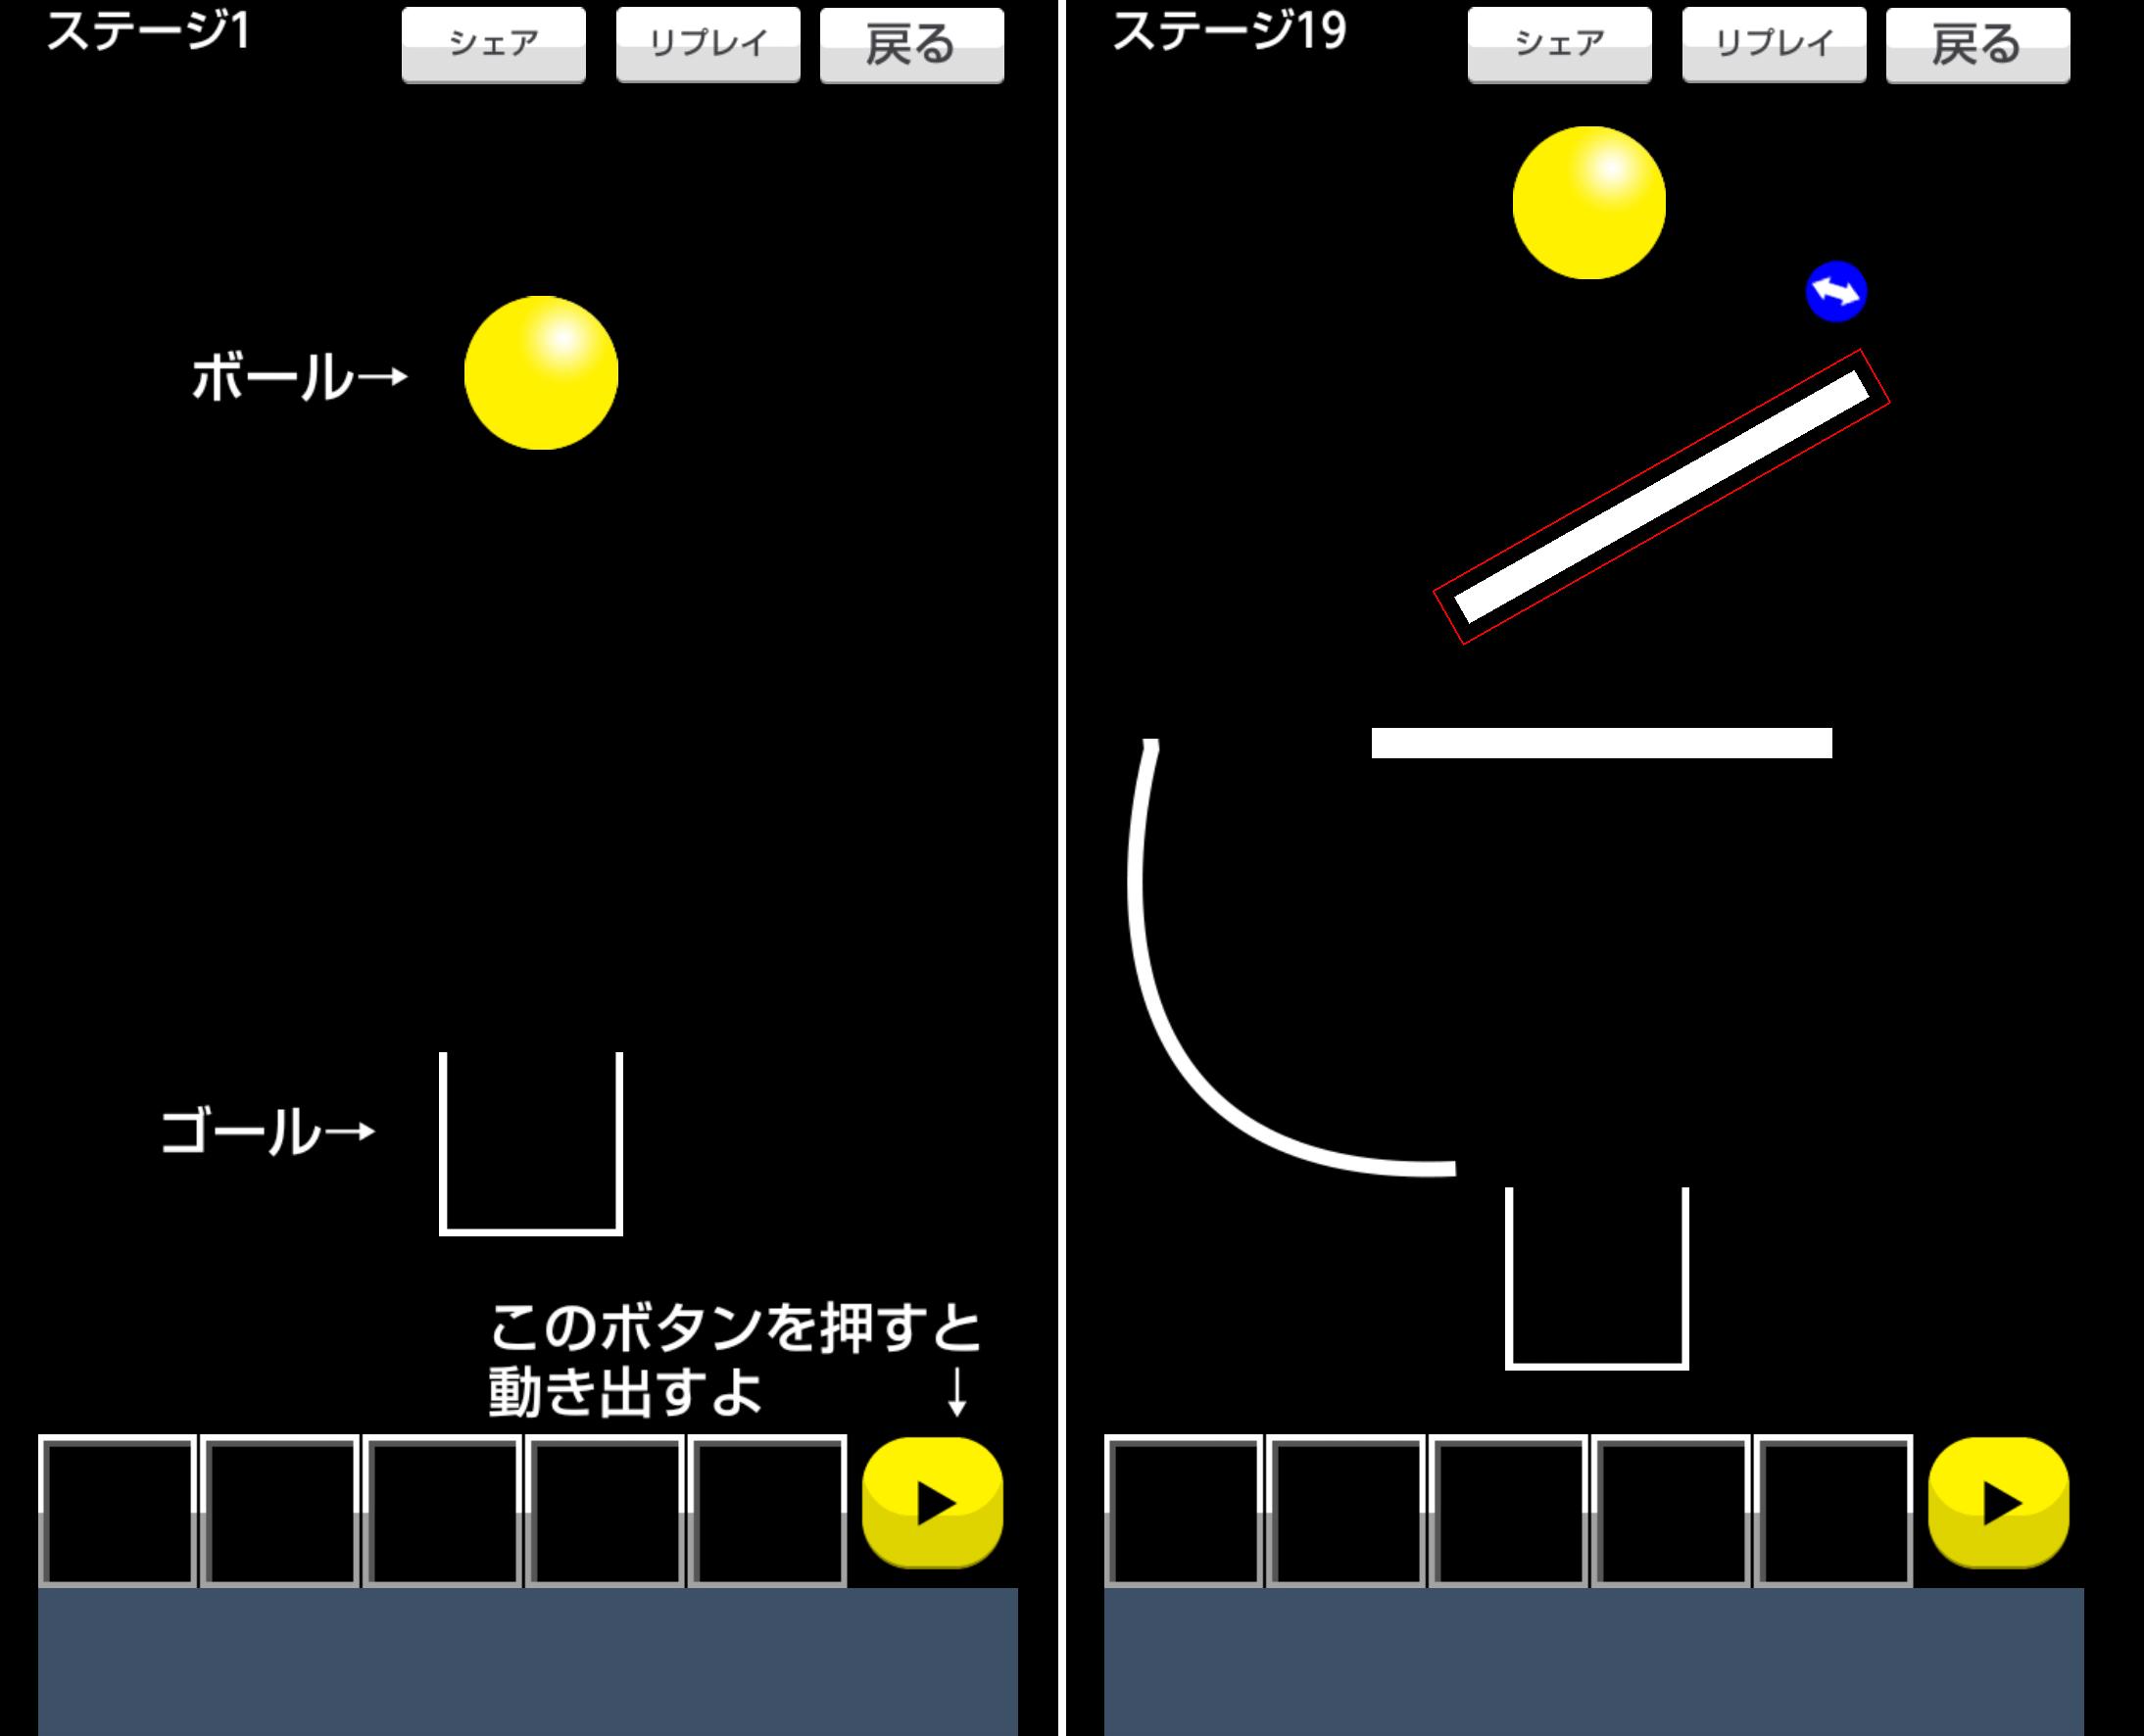 物理パズル ボールをゴールへドーン! androidアプリスクリーンショット1